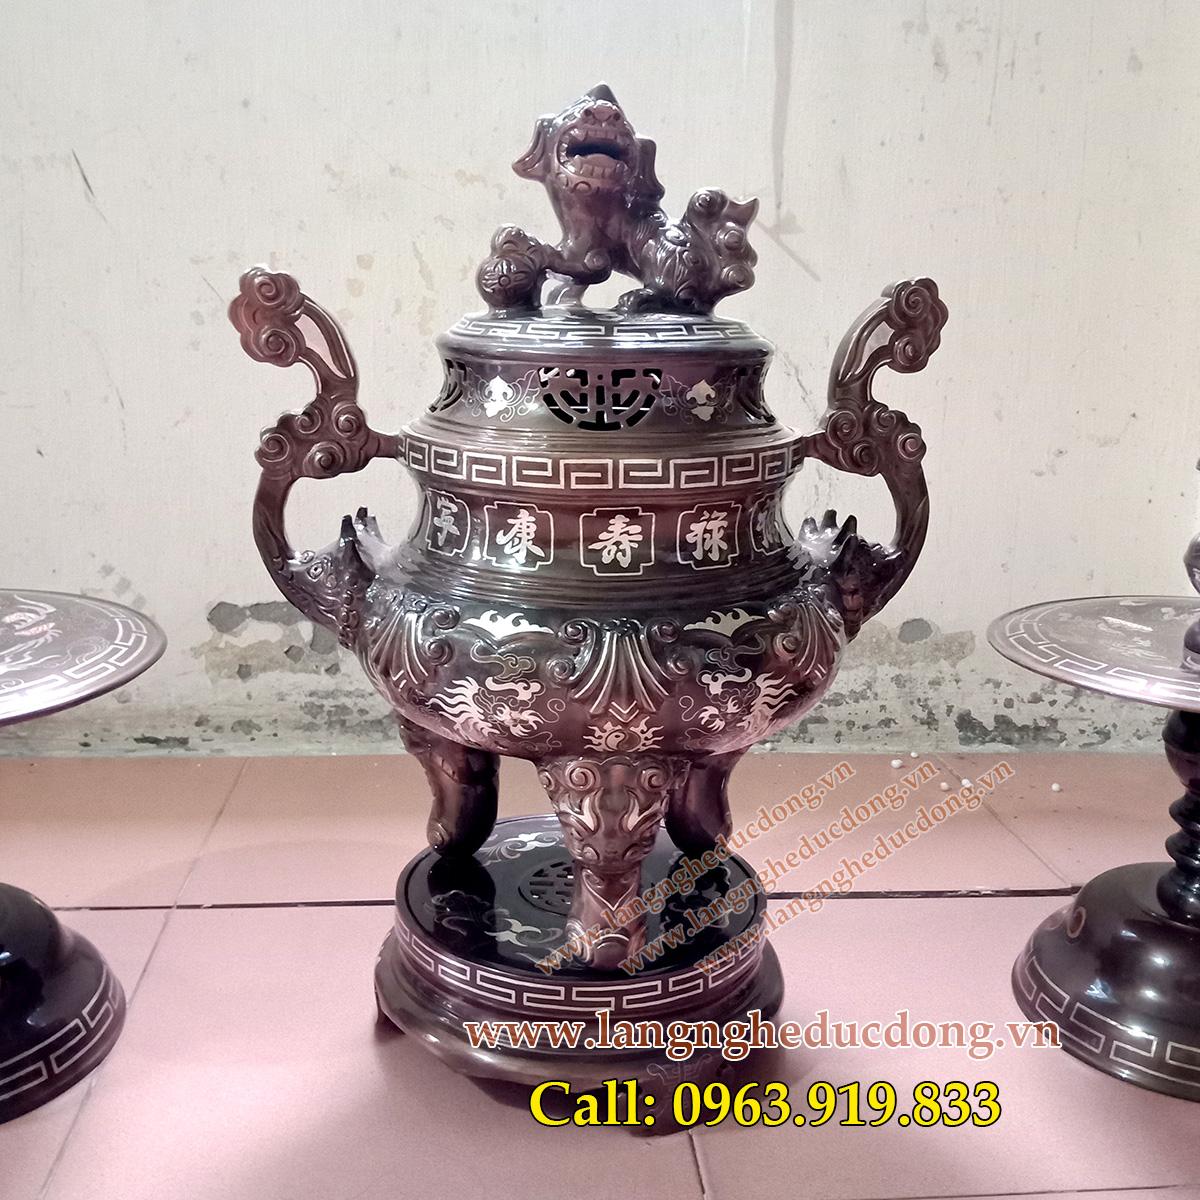 langngheducdong.vn - tượng đồng, tượng phật, đồ thờ cúng, đỉnh đồng, lư hương